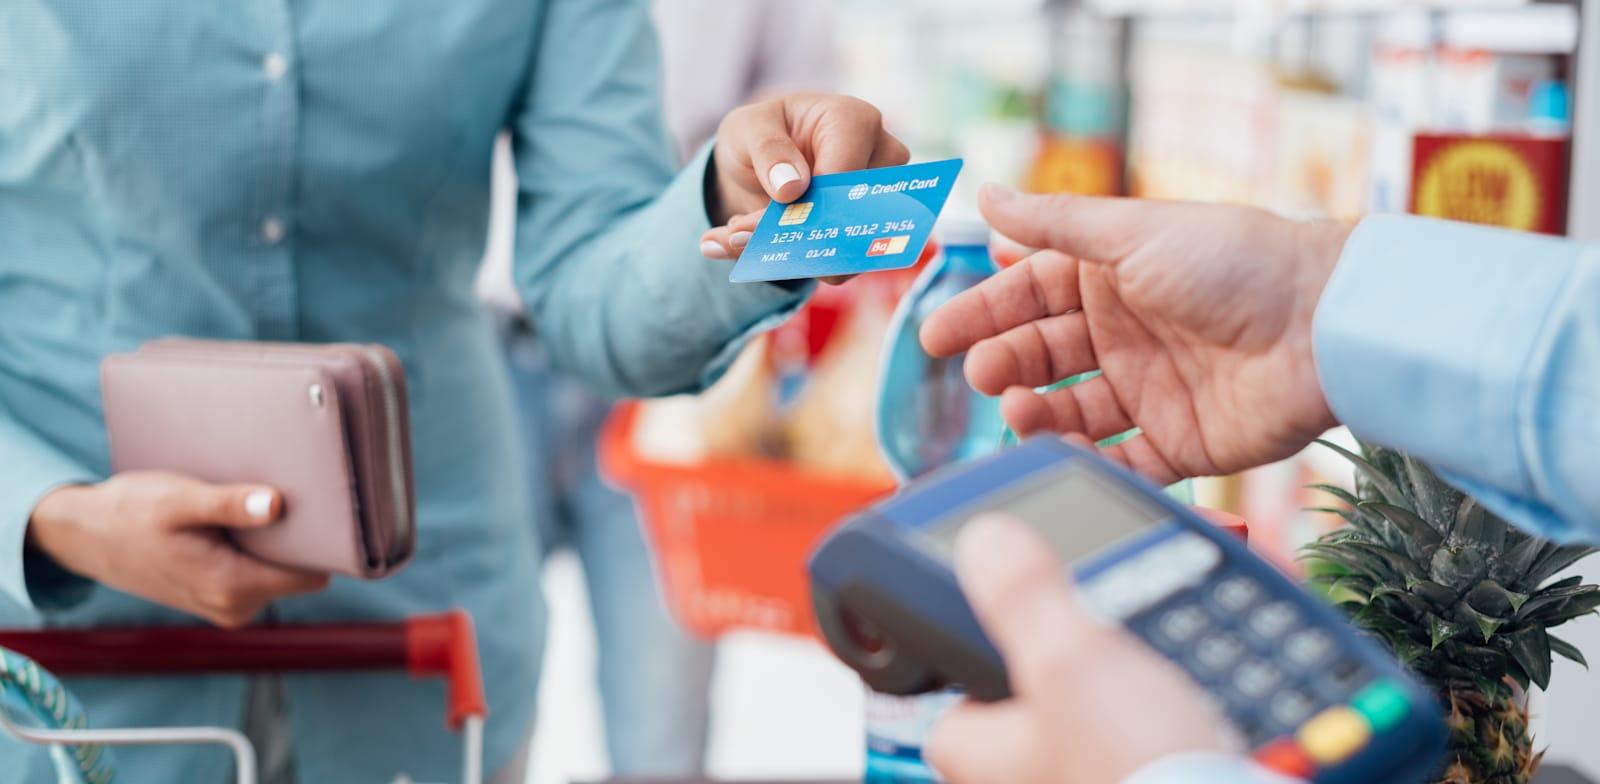 פיימנט מעניקה הלוואות כאמצעי תשלום ללקוחות בבתי עסק שונים / צילום: Shutterstock